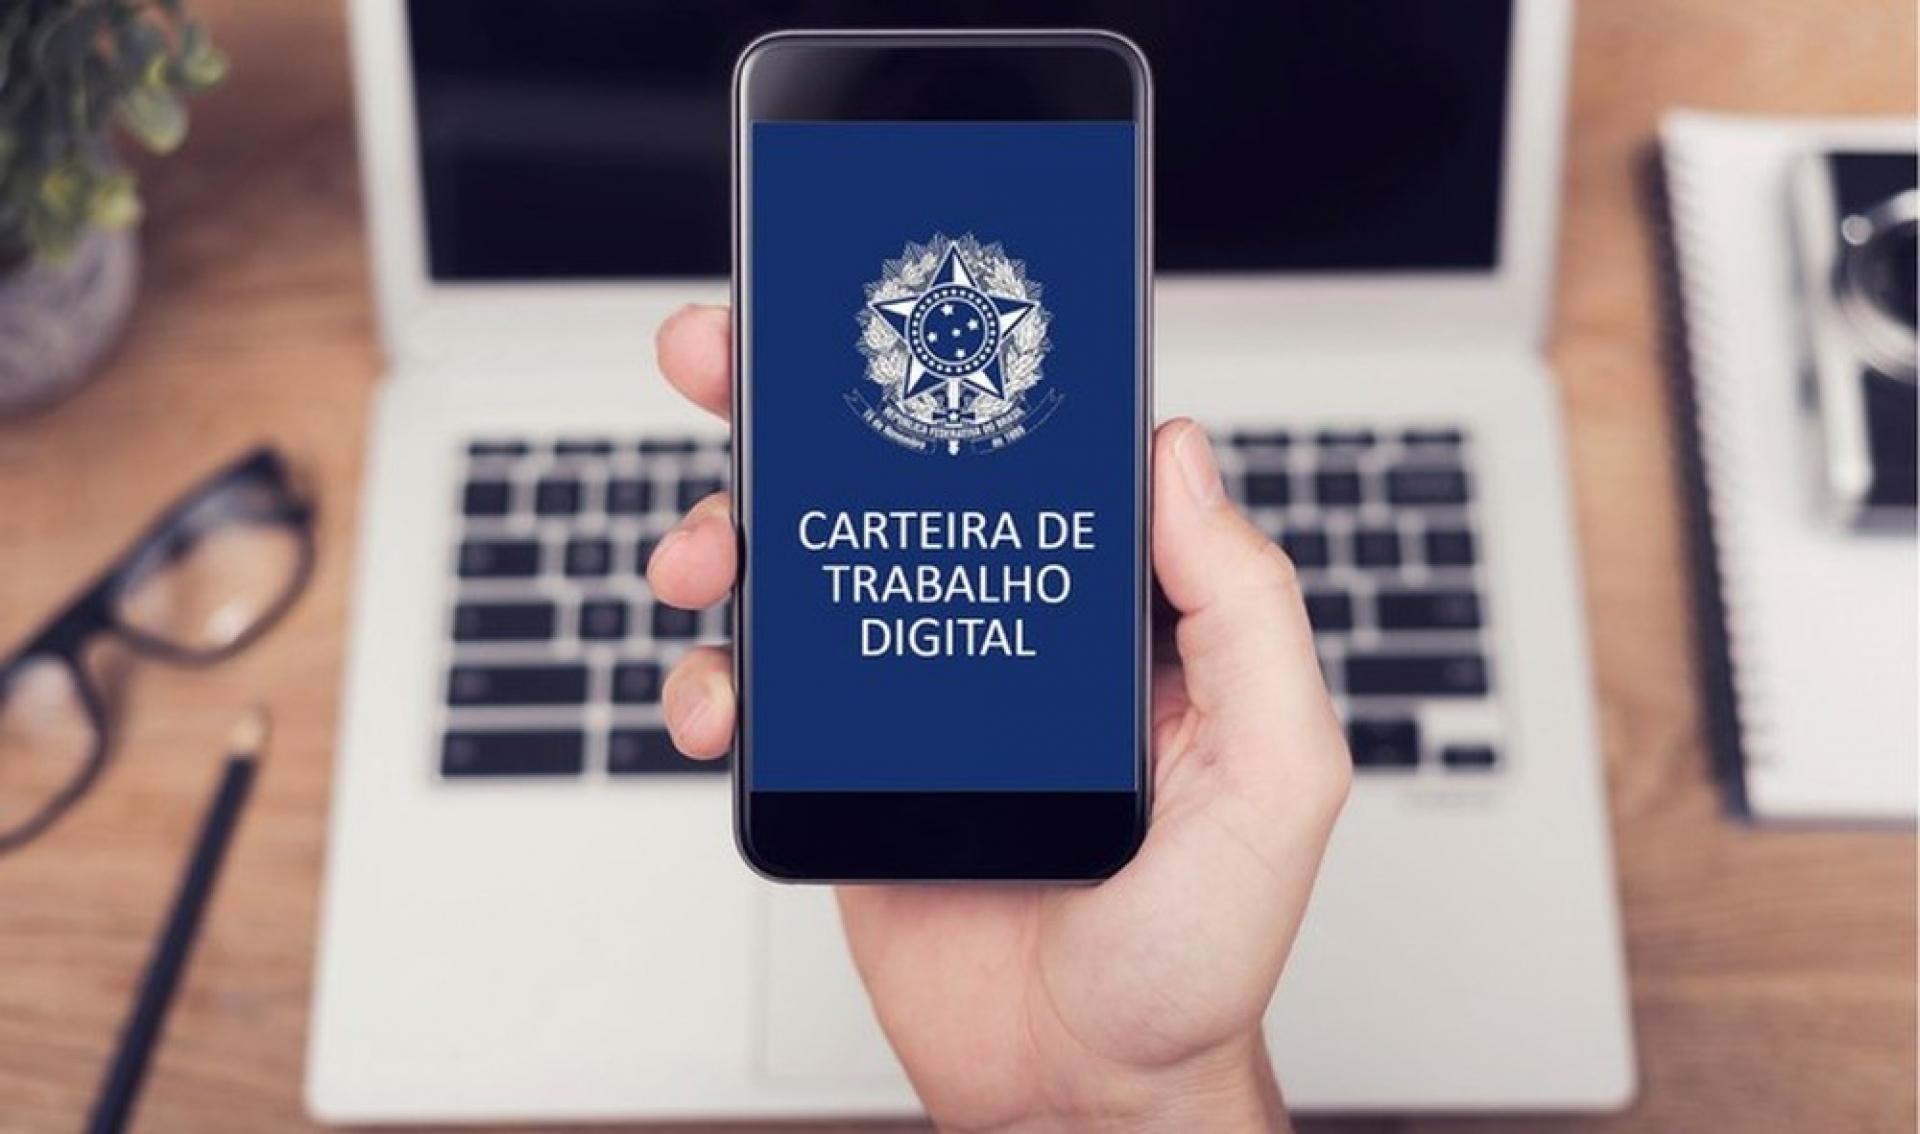 emitir carteira de trabalho digital